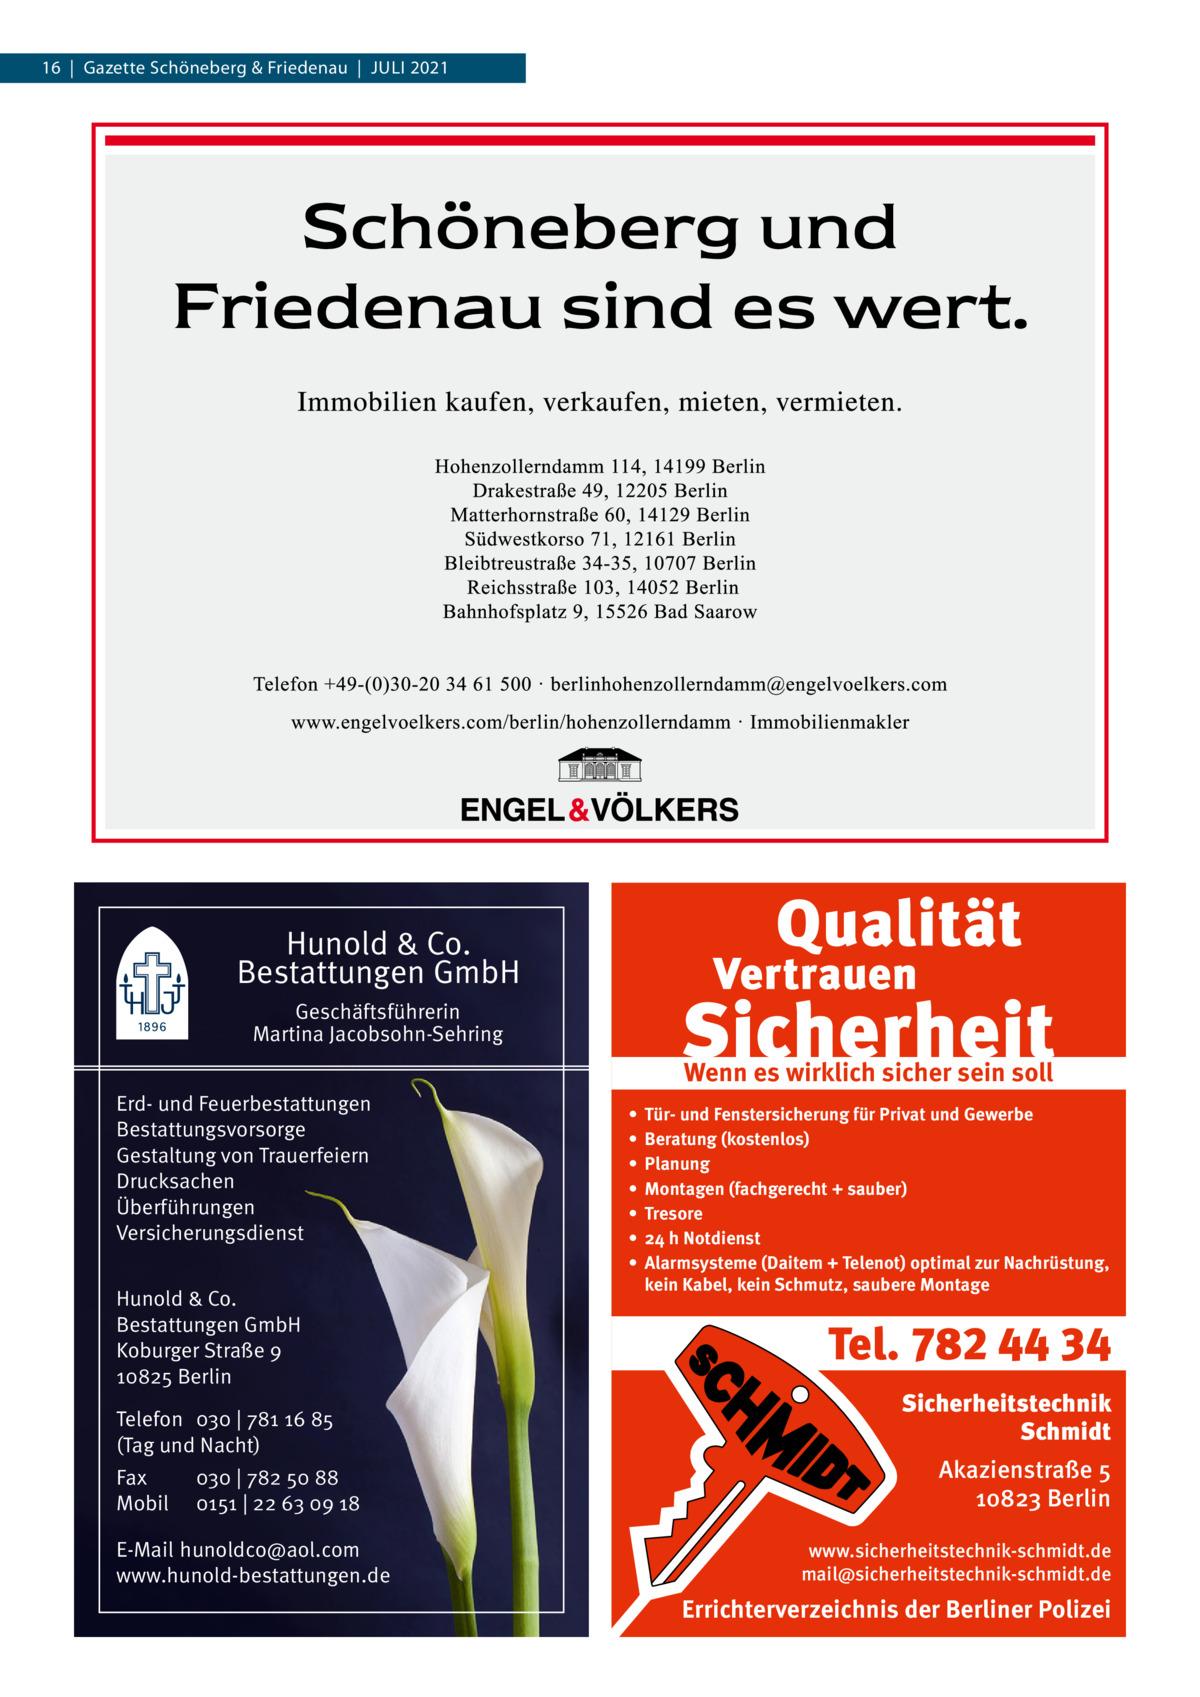 16|Gazette Schöneberg & Friedenau|JULI 2021  Hunold & Co. Bestattungen GmbH Geschäftsführerin Martina Jacobsohn-Sehring Erd- und Feuerbestattungen Bestattungsvorsorge Gestaltung von Trauerfeiern Drucksachen Überführungen Versicherungsdienst Hunold & Co. Bestattungen GmbH Koburger Straße 9 10825 Berlin Telefon 030 | 781 16 85 (Tag und Nacht) Fax Mobil  030 | 782 50 88 0151 | 22 63 09 18  E-Mail hunoldco@aol.com www.hunold-bestattungen.de  Wenn es wirklich sicher sein soll • • • • • • •  Tür- und Fenstersicherung für Privat und Gewerbe Beratung (kostenlos) Planung Montagen (fachgerecht + sauber) Tresore 24 h Notdienst Alarmsysteme (Daitem + Telenot) optimal zur Nachrüstung, kein Kabel, kein Schmutz, saubere Montage  Tel. 782 44 34 Sicherheitstechnik Schmidt Akazienstraße 5 10823 Berlin www.sicherheitstechnik-schmidt.de mail@sicherheitstechnik-schmidt.de  Errichterverzeichnis der Berliner Polizei